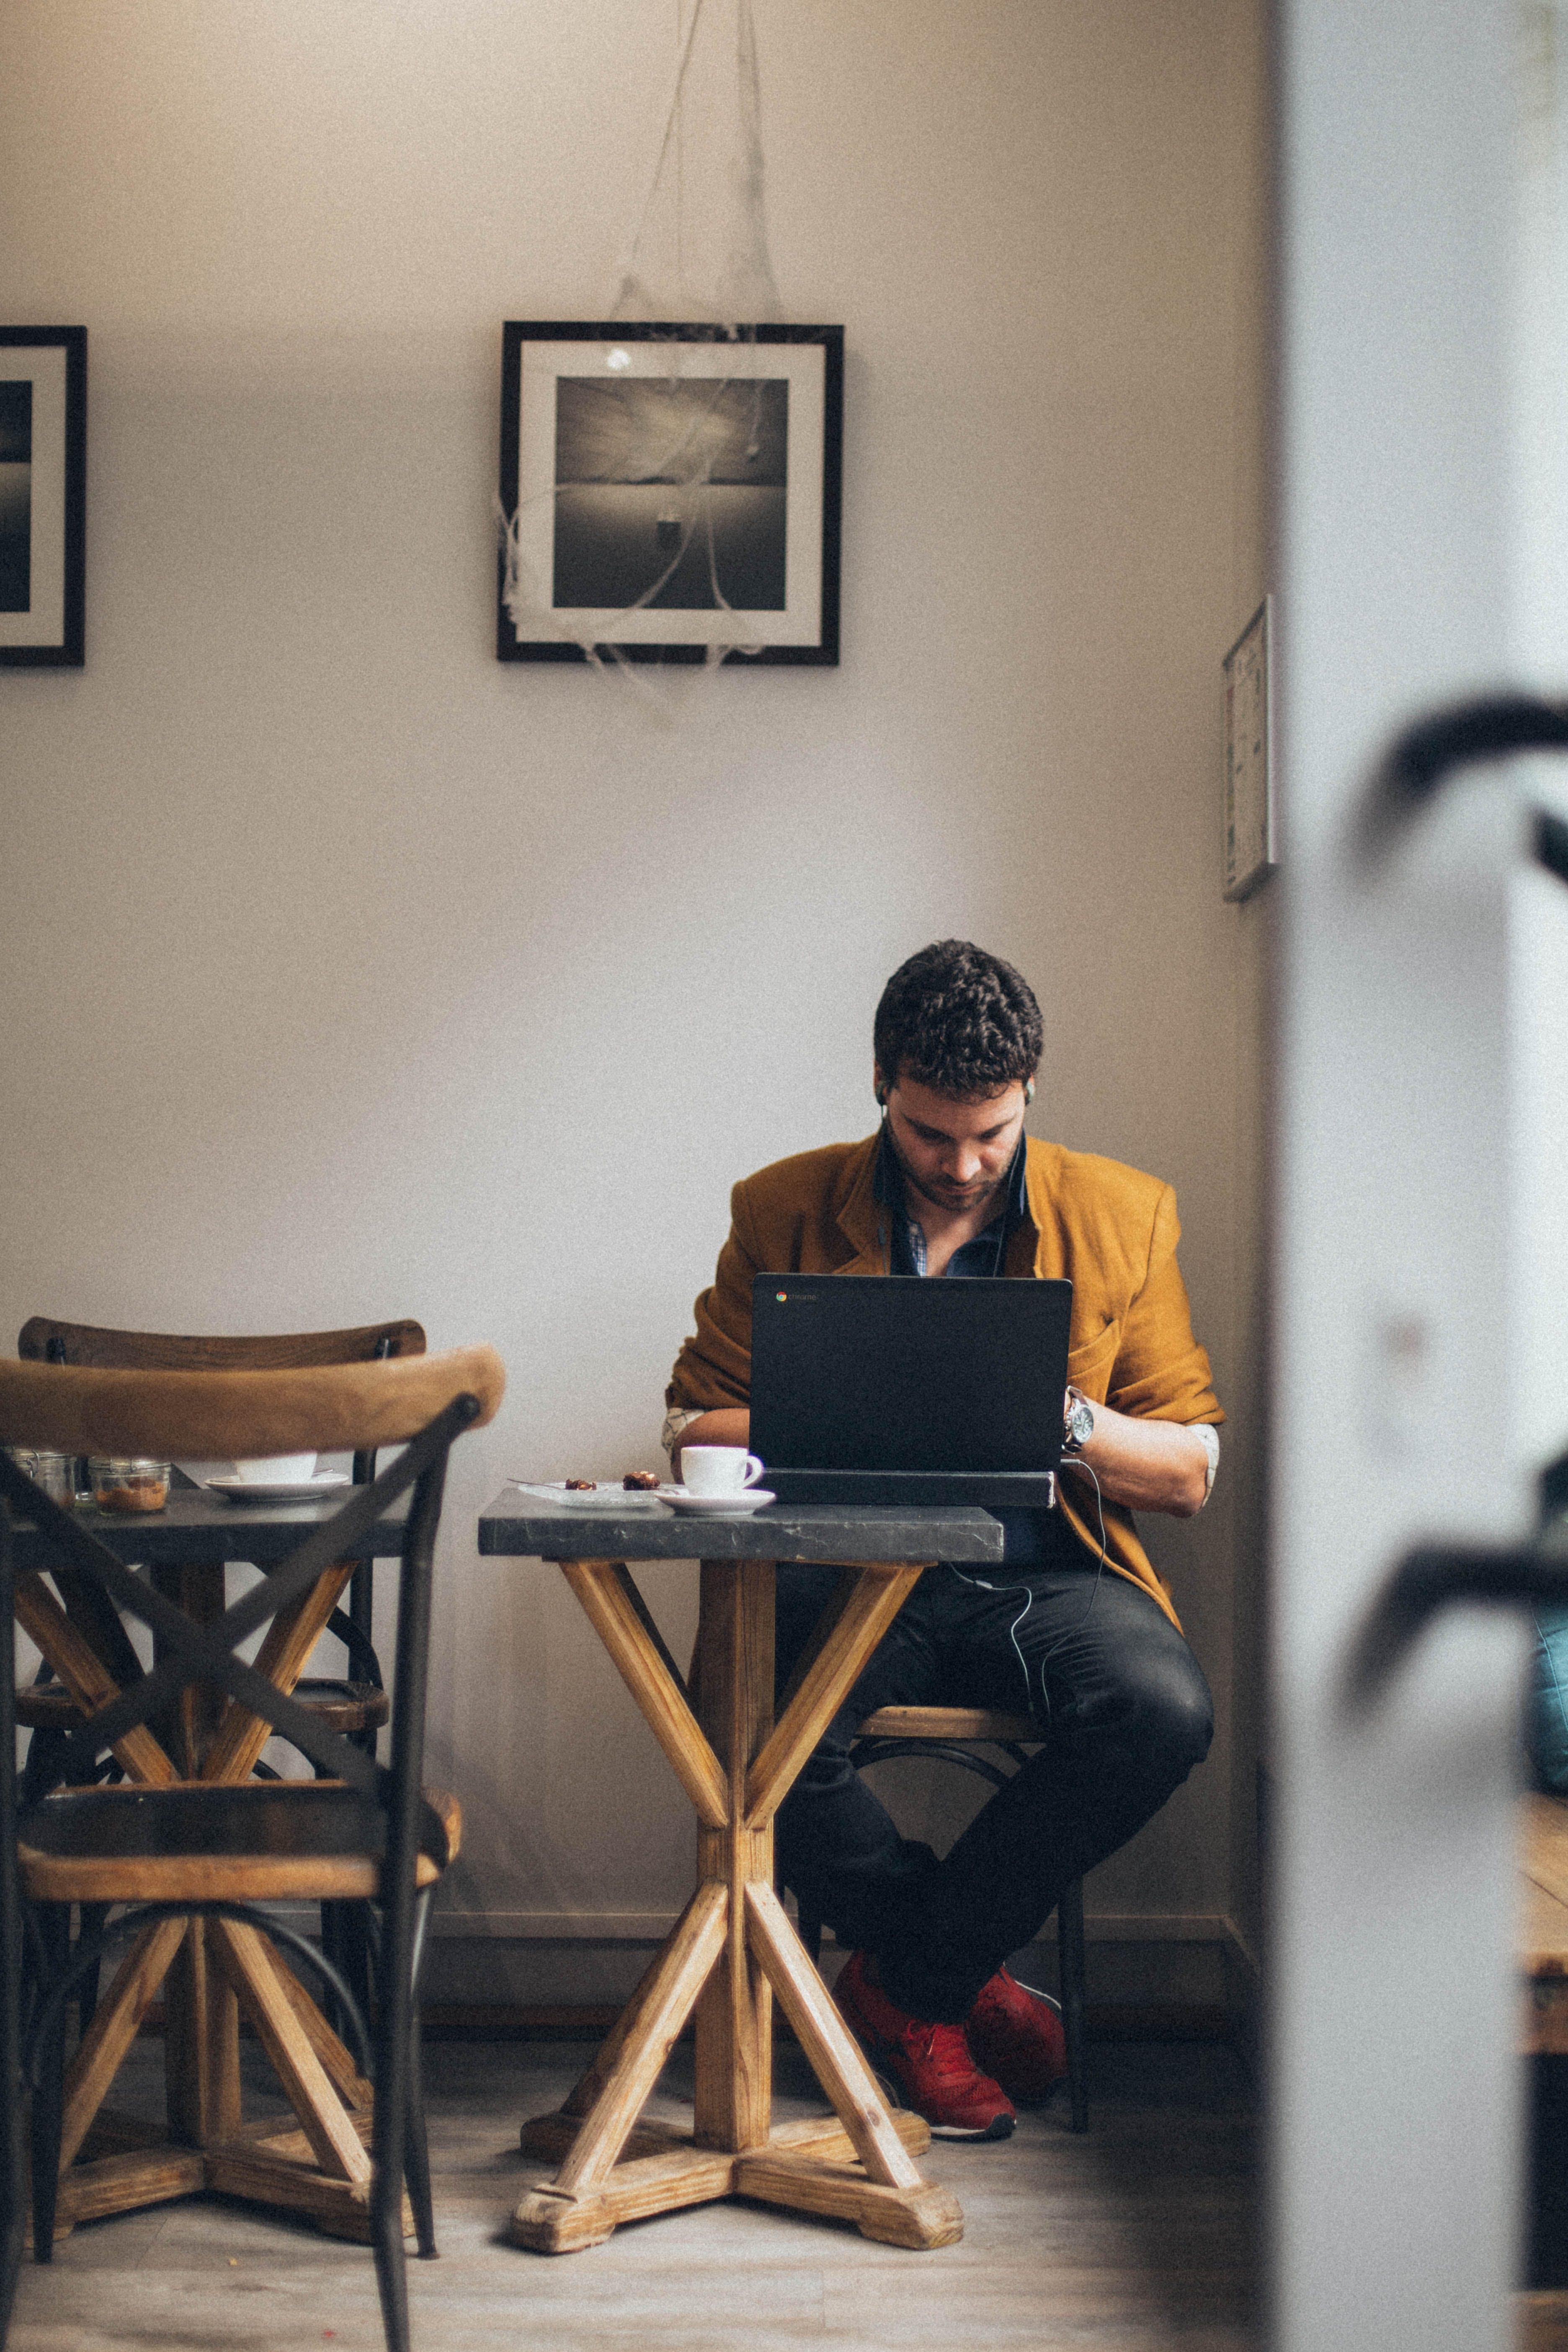 Kostnadsfri bild av arbete, arbetssätt, bärbar dator, enhet